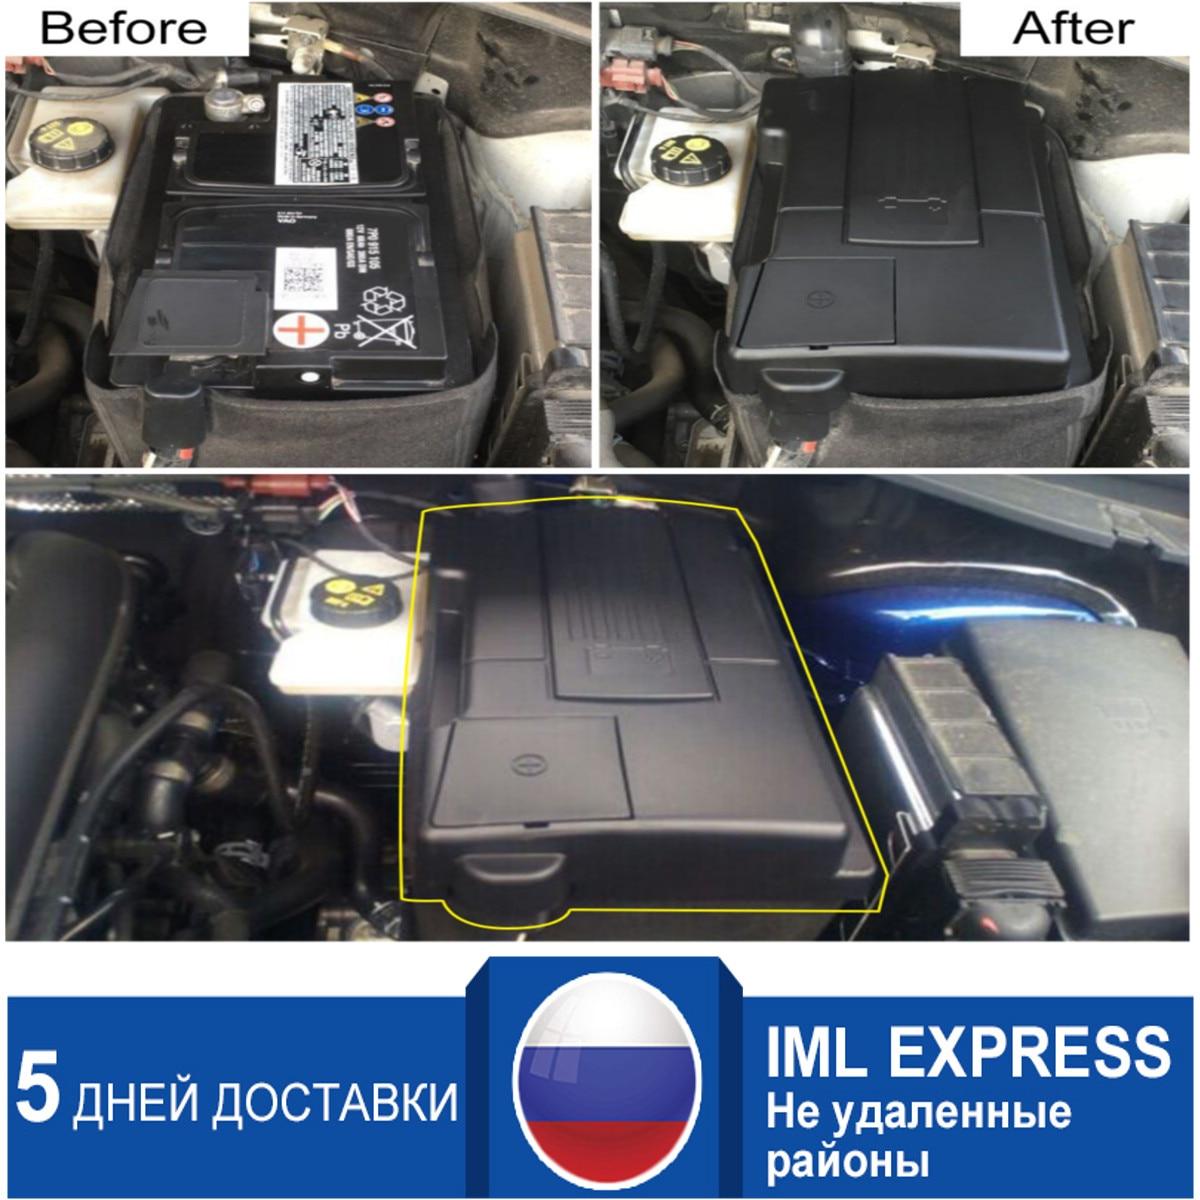 Пыленепроницаемый отрицательный электродный водонепроницаемый защитный чехол для двигателя Skoda Kodiaq Octavia 5E A7 VW Tiguan L 2016-2019 title=